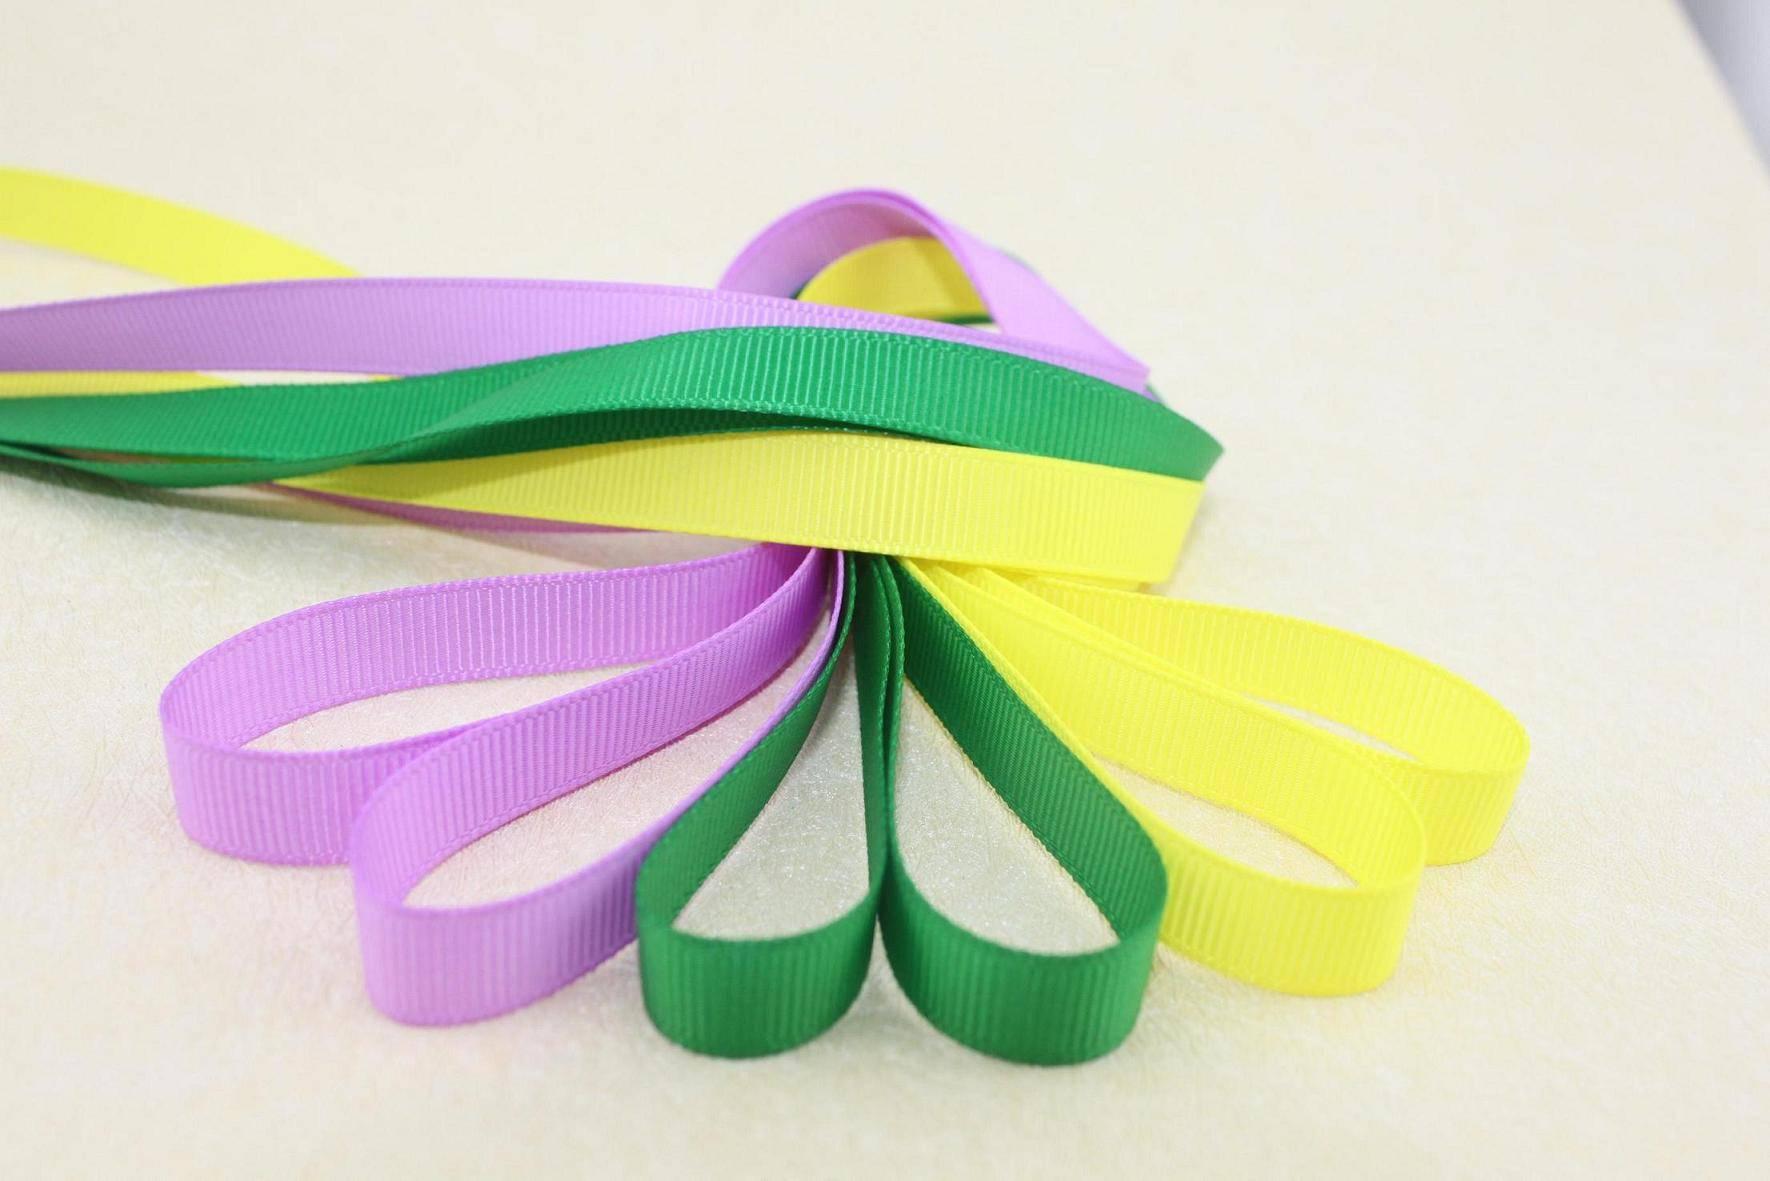 grosgrain ribbon for hair accessories